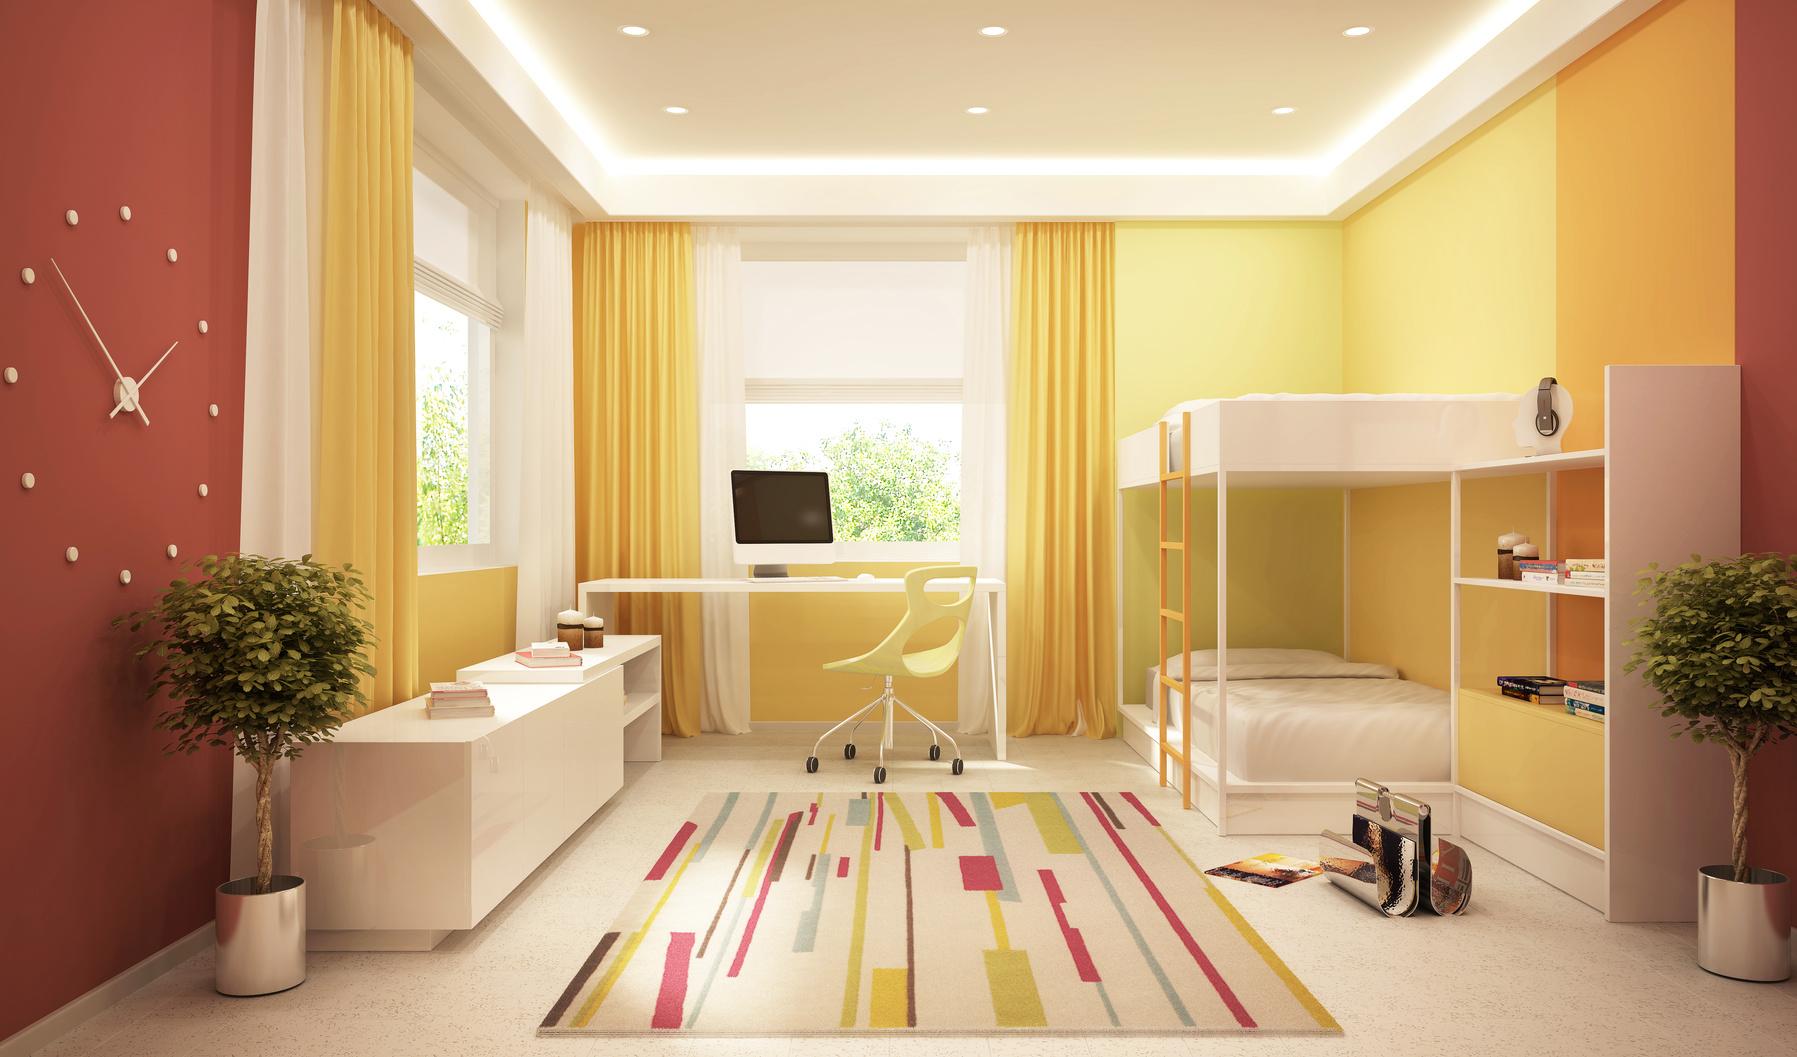 Full Size of Modern Room For Baby Wohnzimmer Wohnzimmer Vorhänge